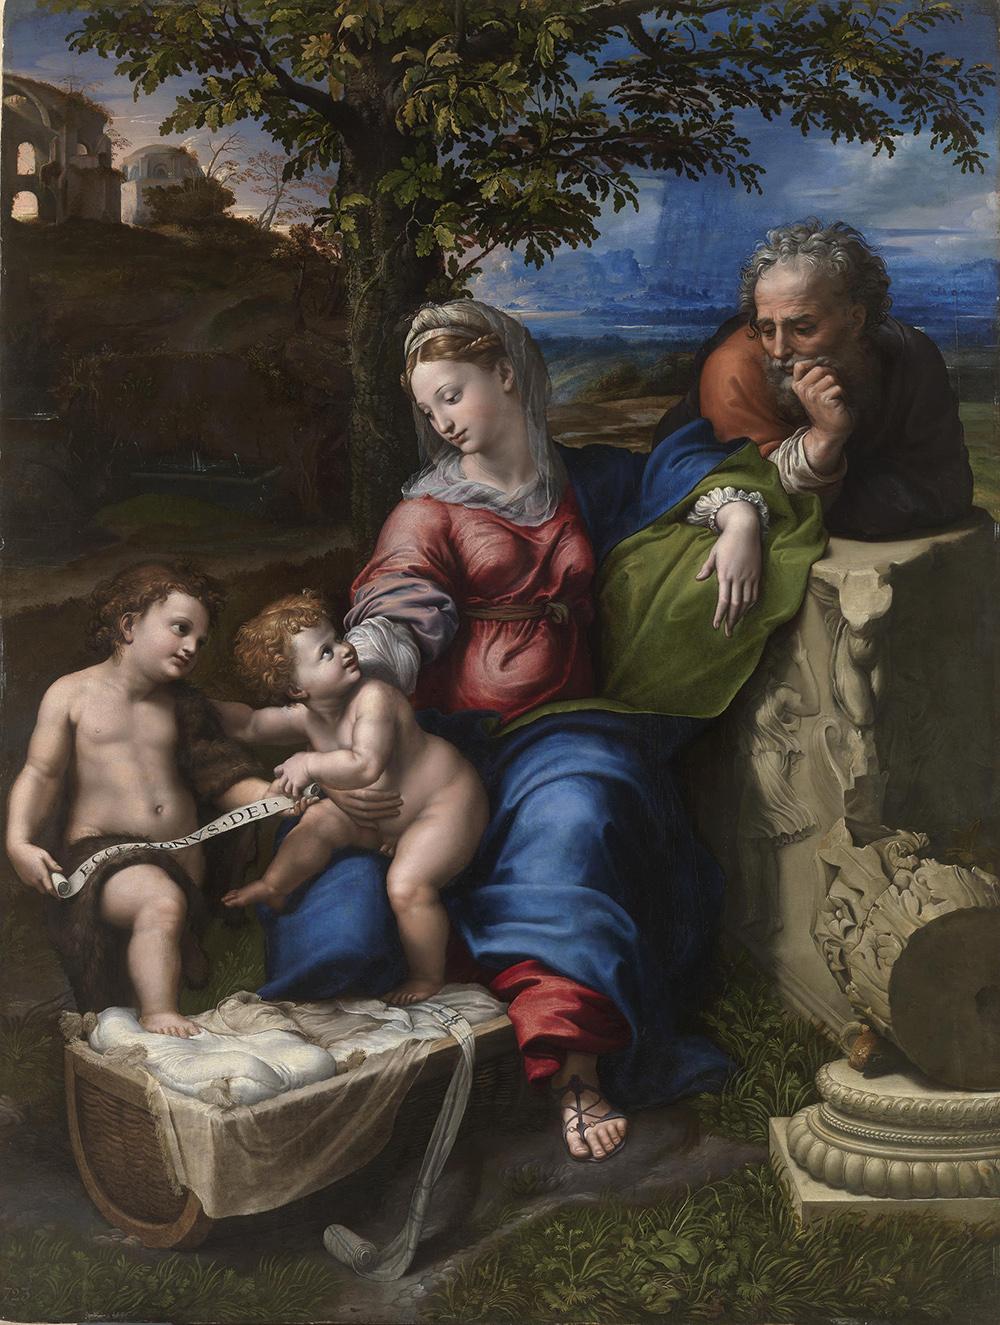 Una visita detallada al Museo del Prado 17 - Be There Before